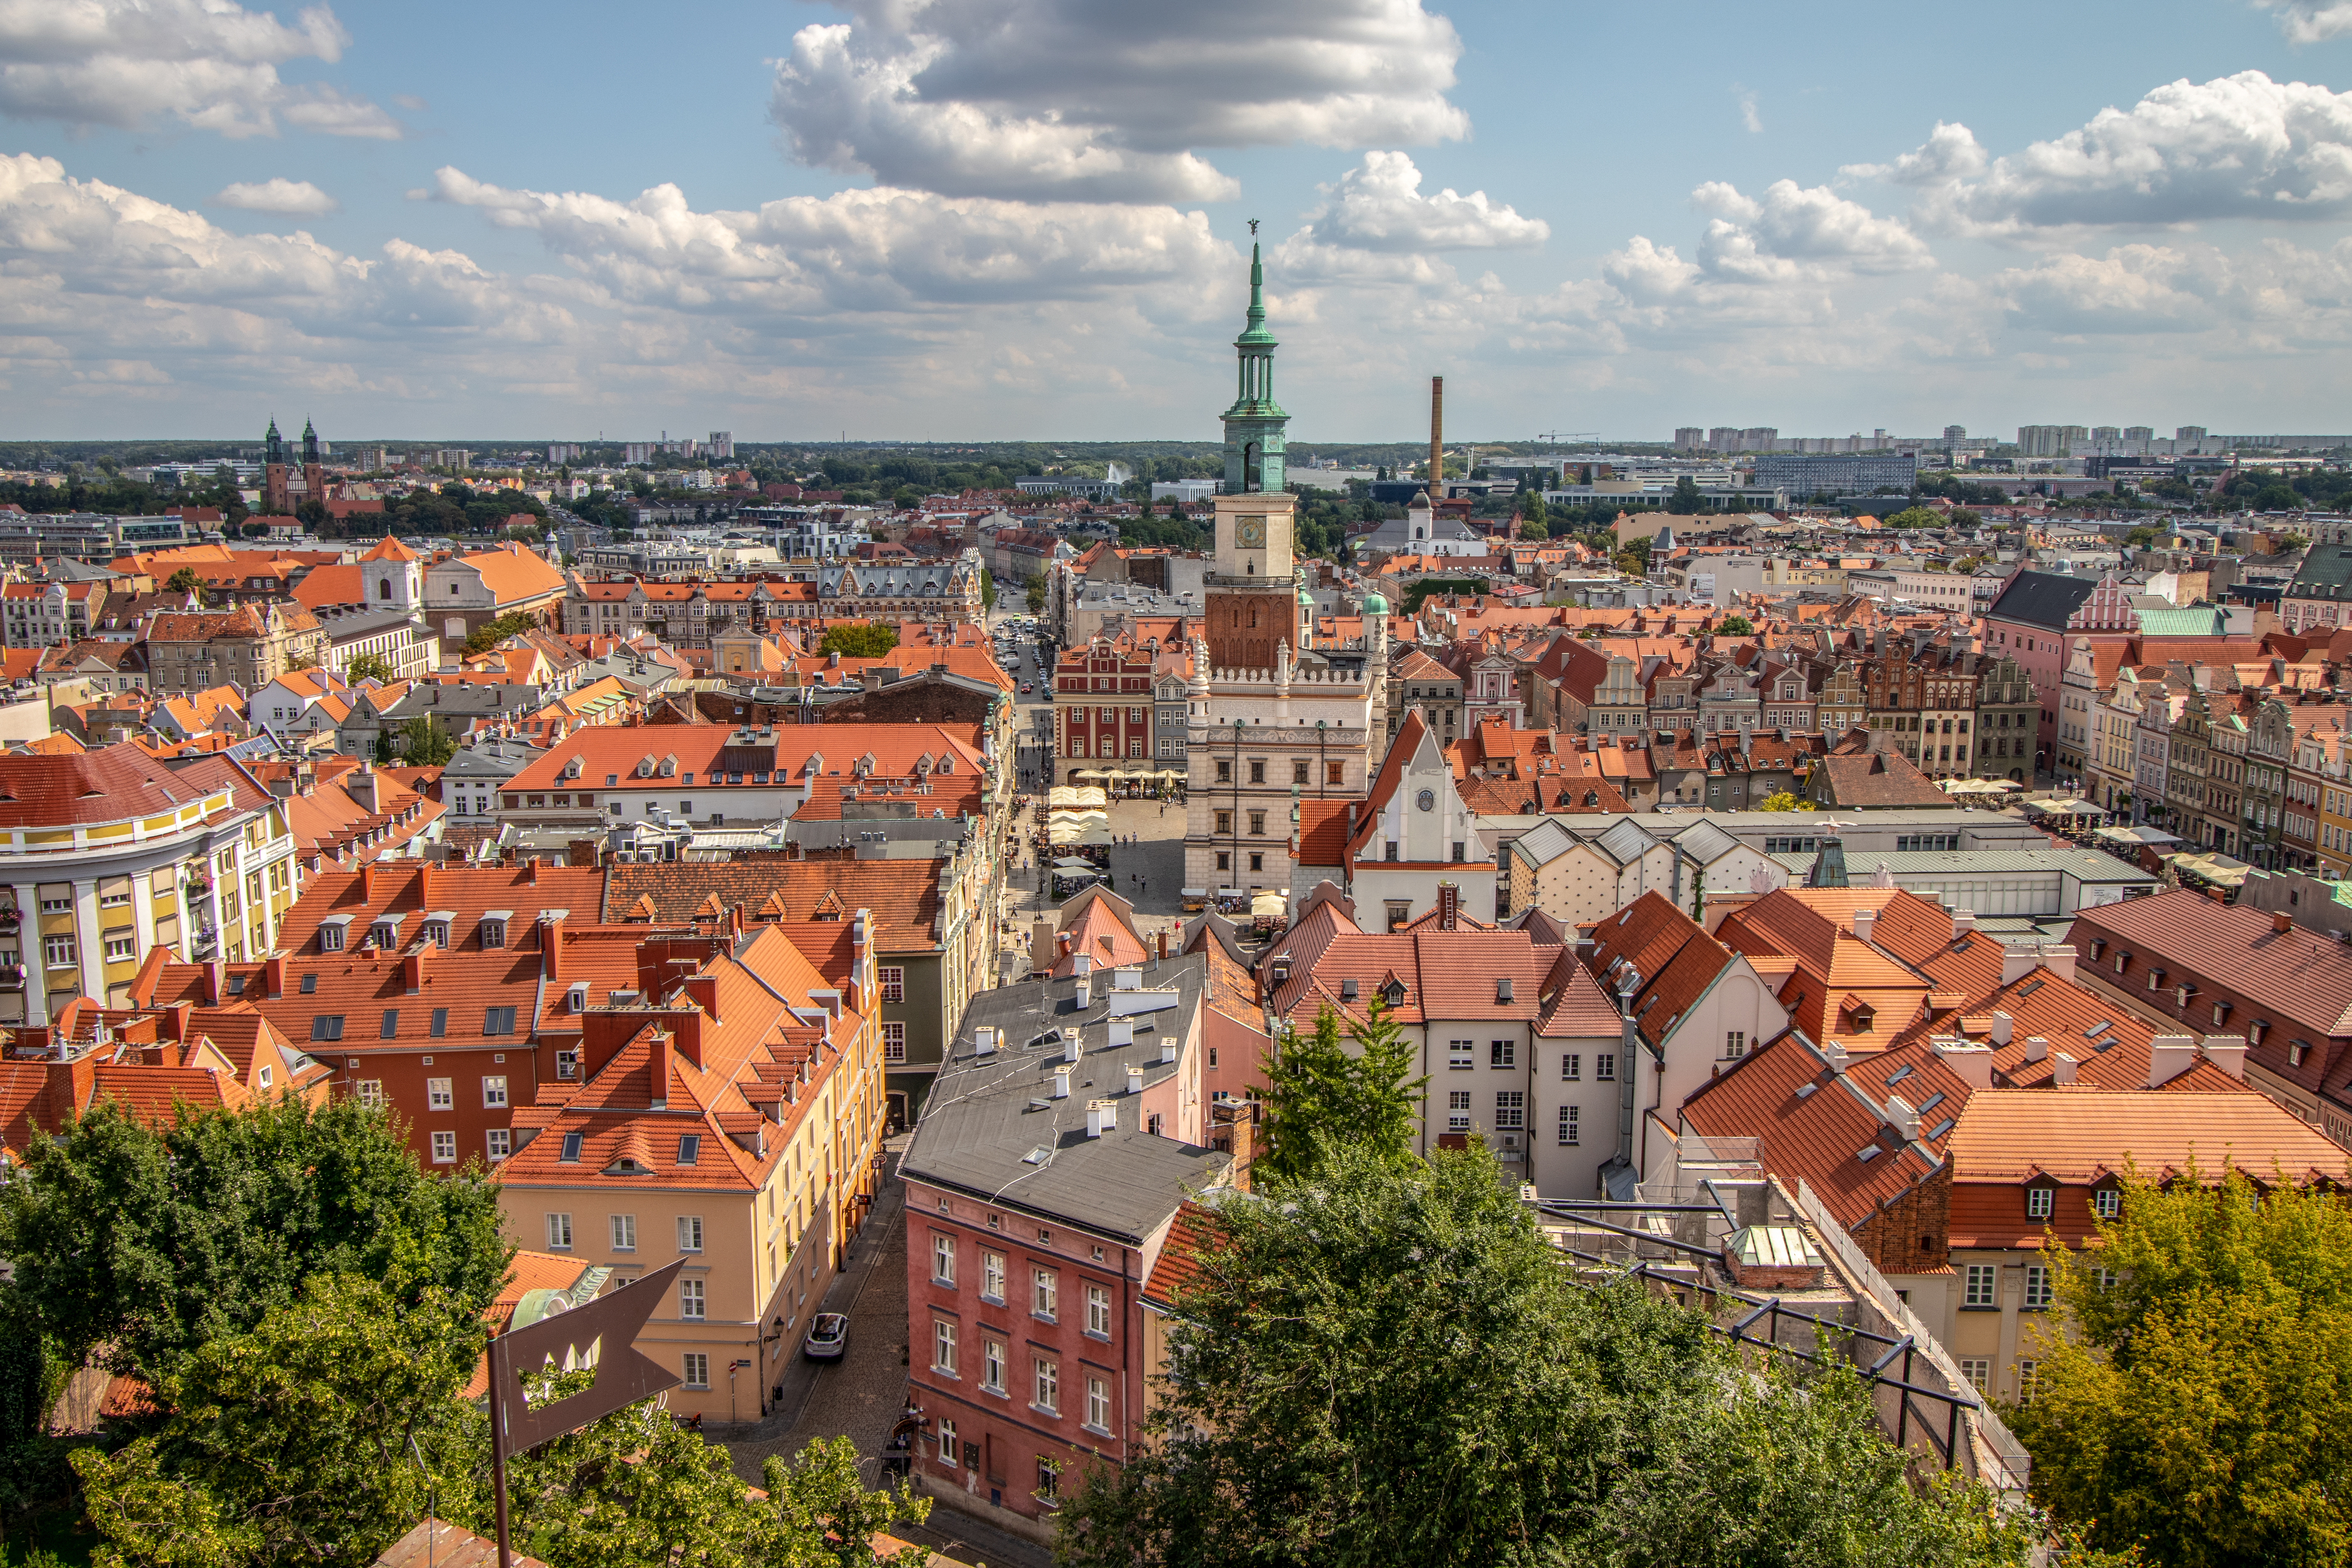 Польский город Познань, куда могут иммигрировать иностранцы